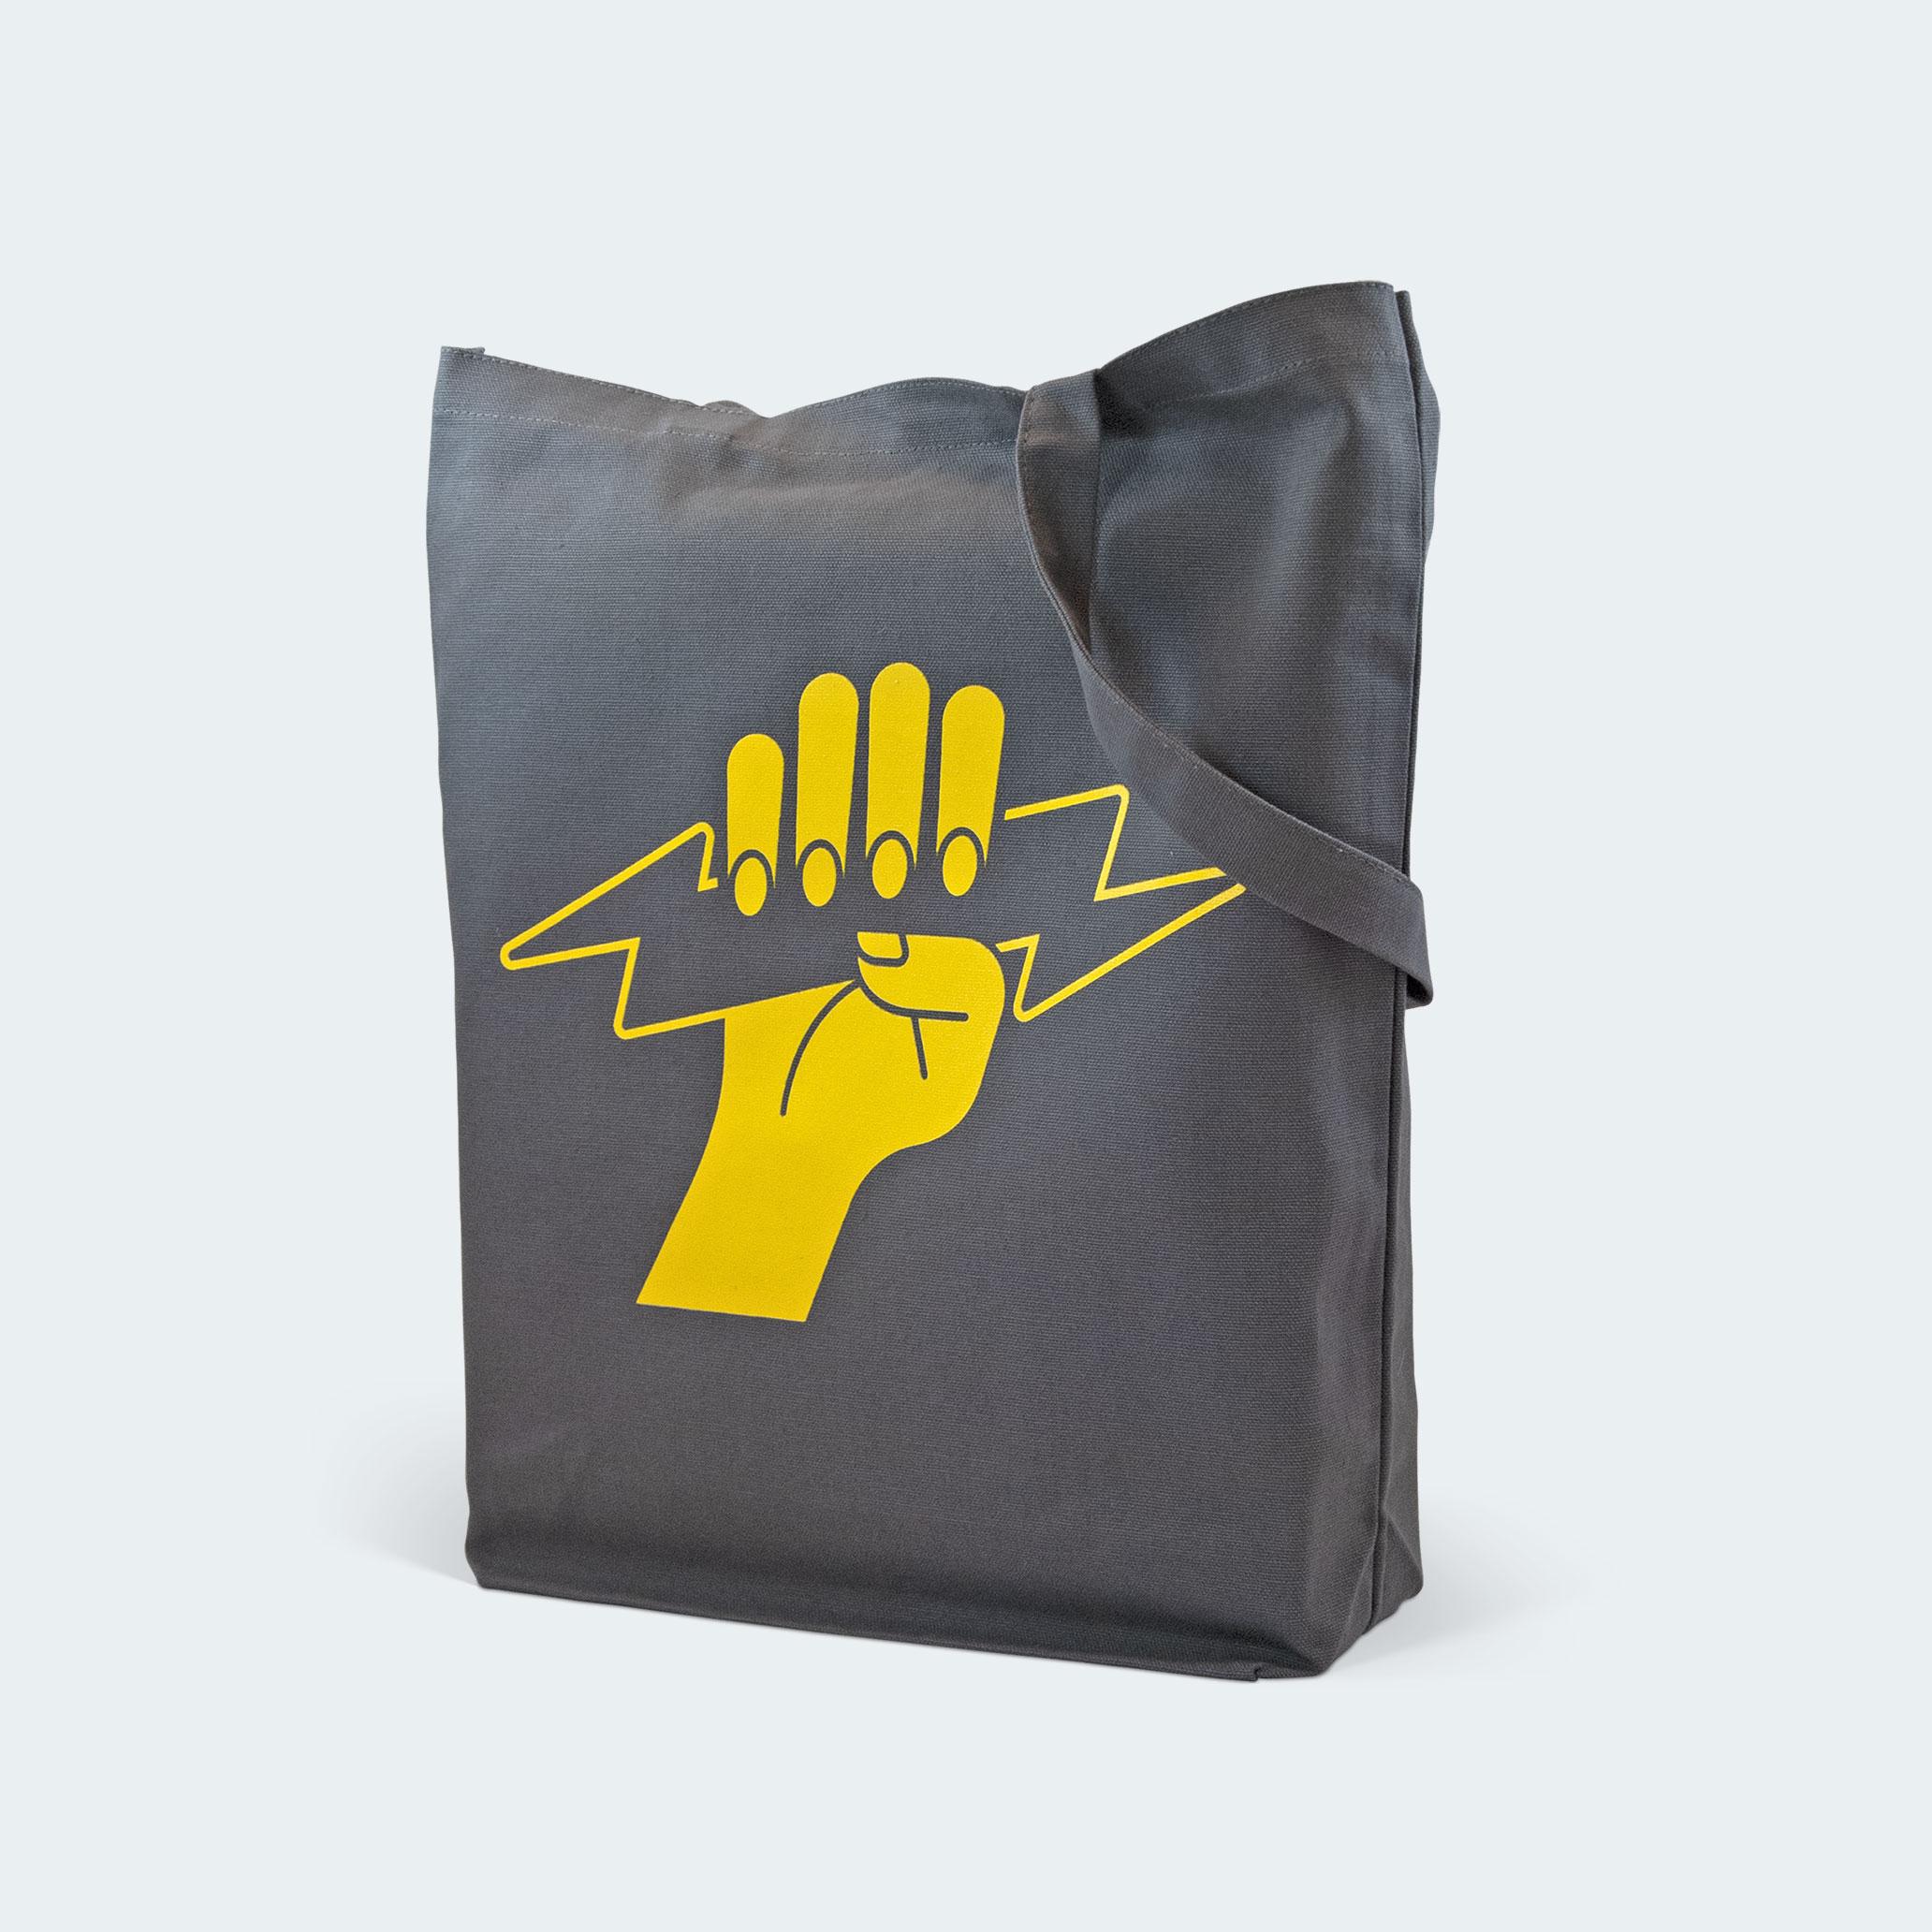 Oasthaus - Hand Bag